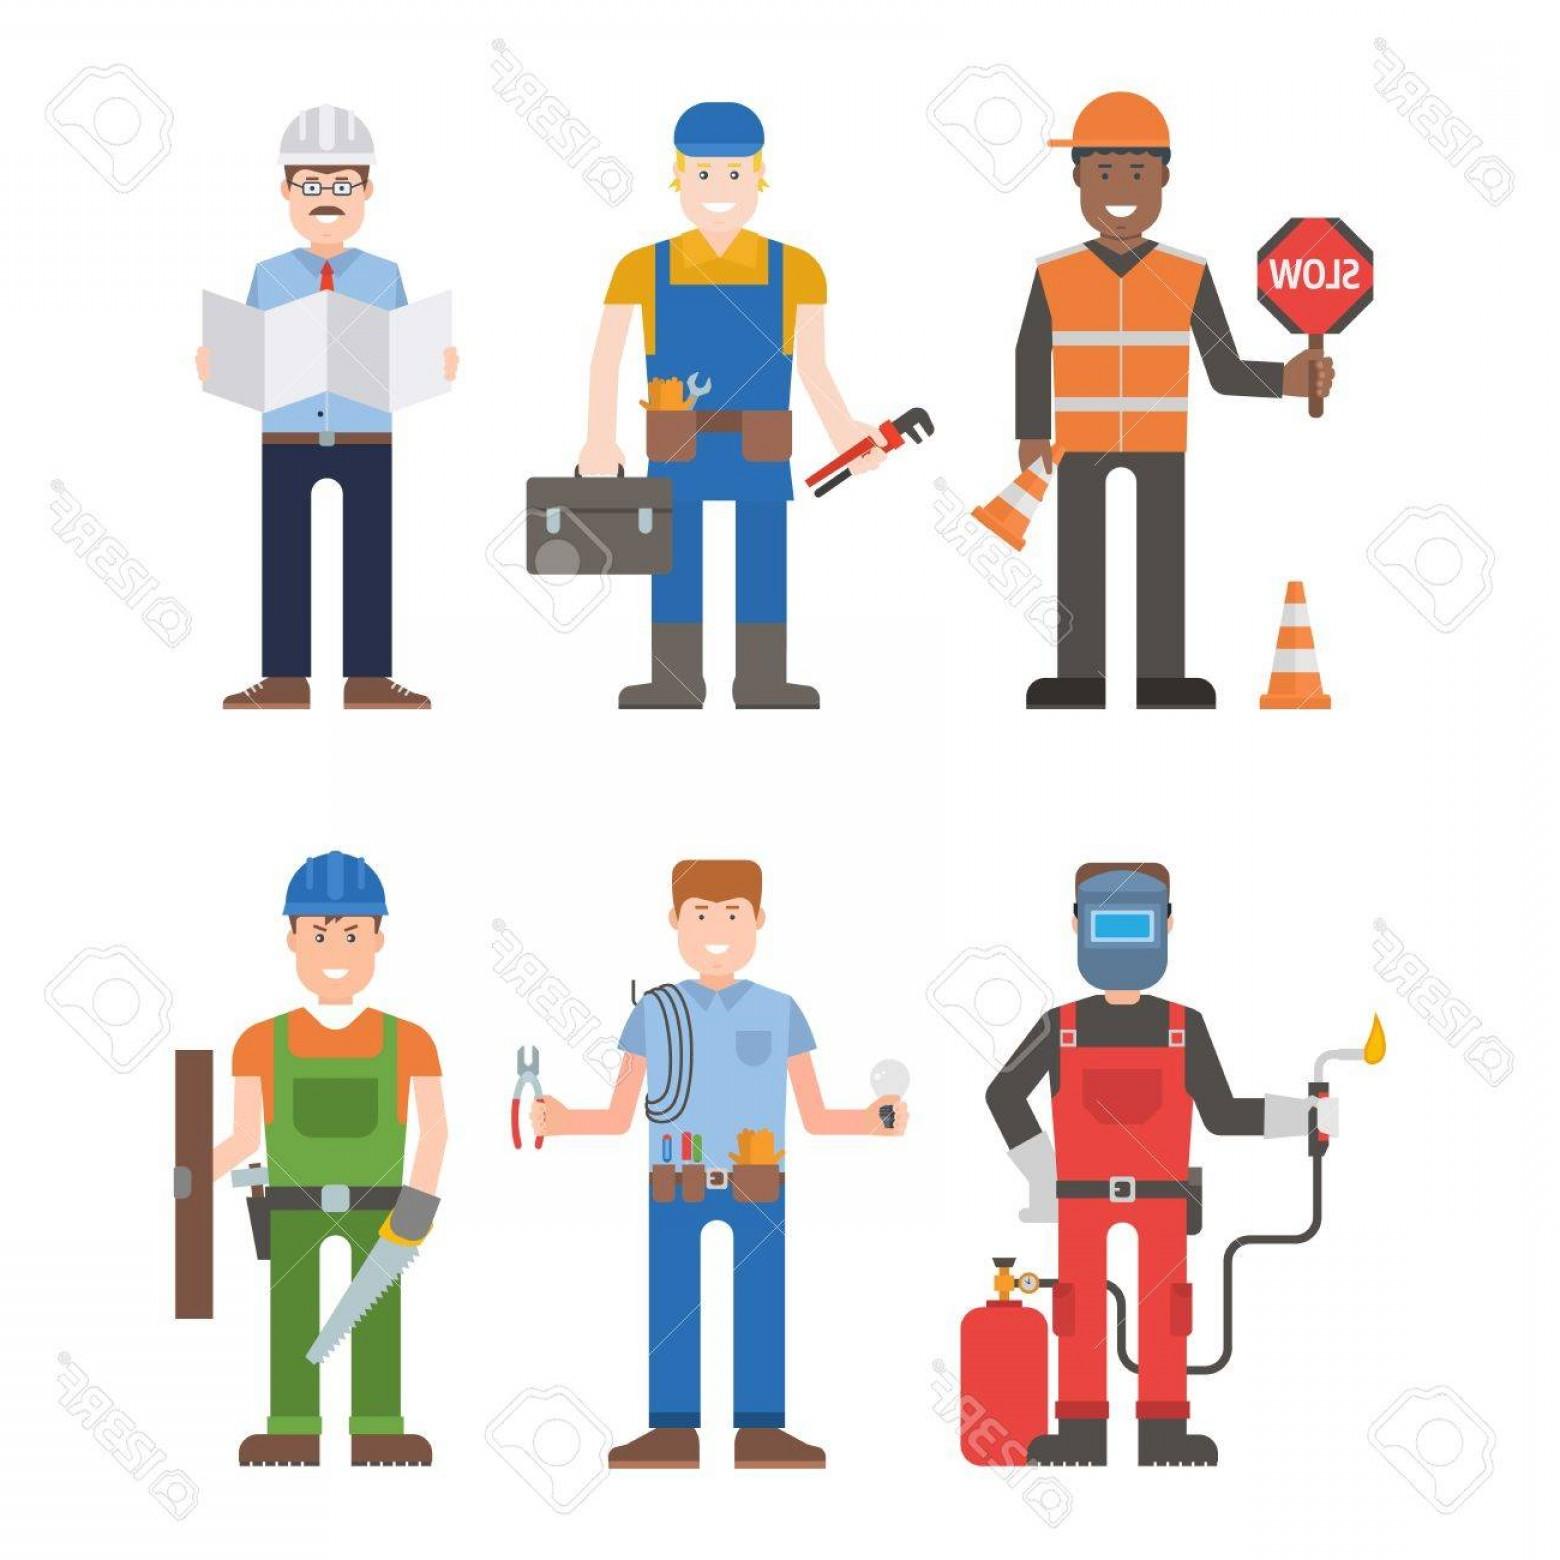 1560x1560 Photostock Vector Construction Worker Wearing Yellow Helmet And